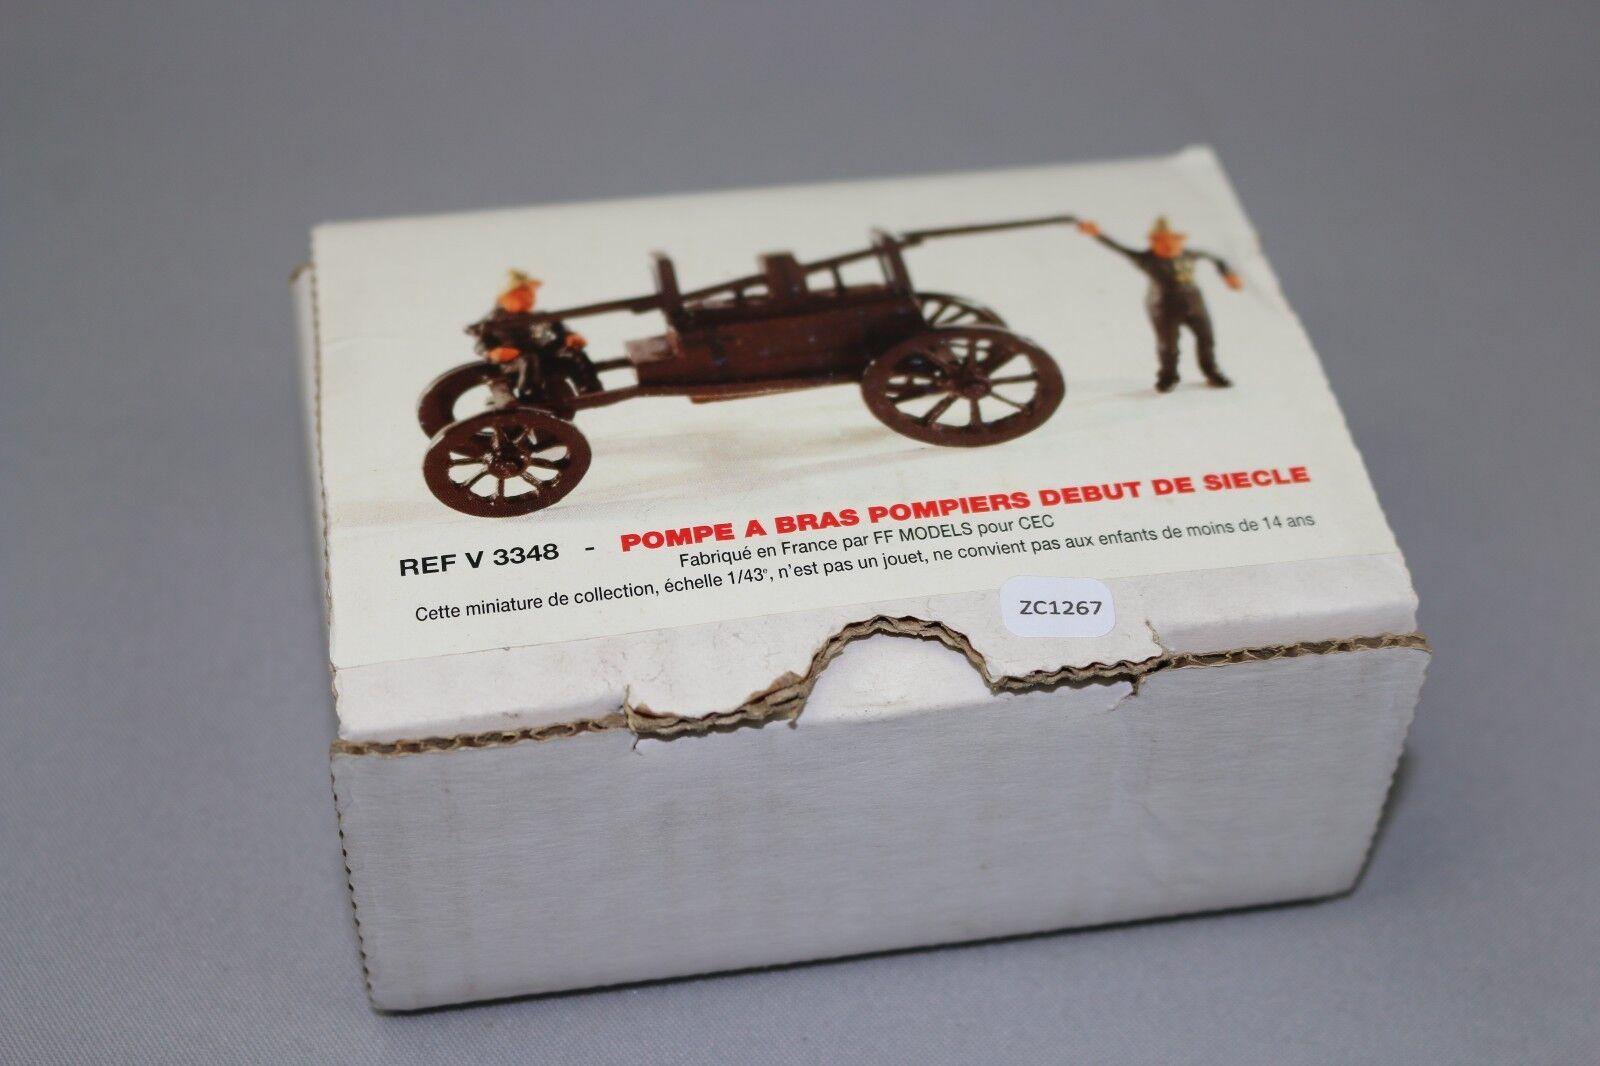 ZC1267 FF Models V3348 Figurines miniature pompiers 1 43 Pompe à bras 1900